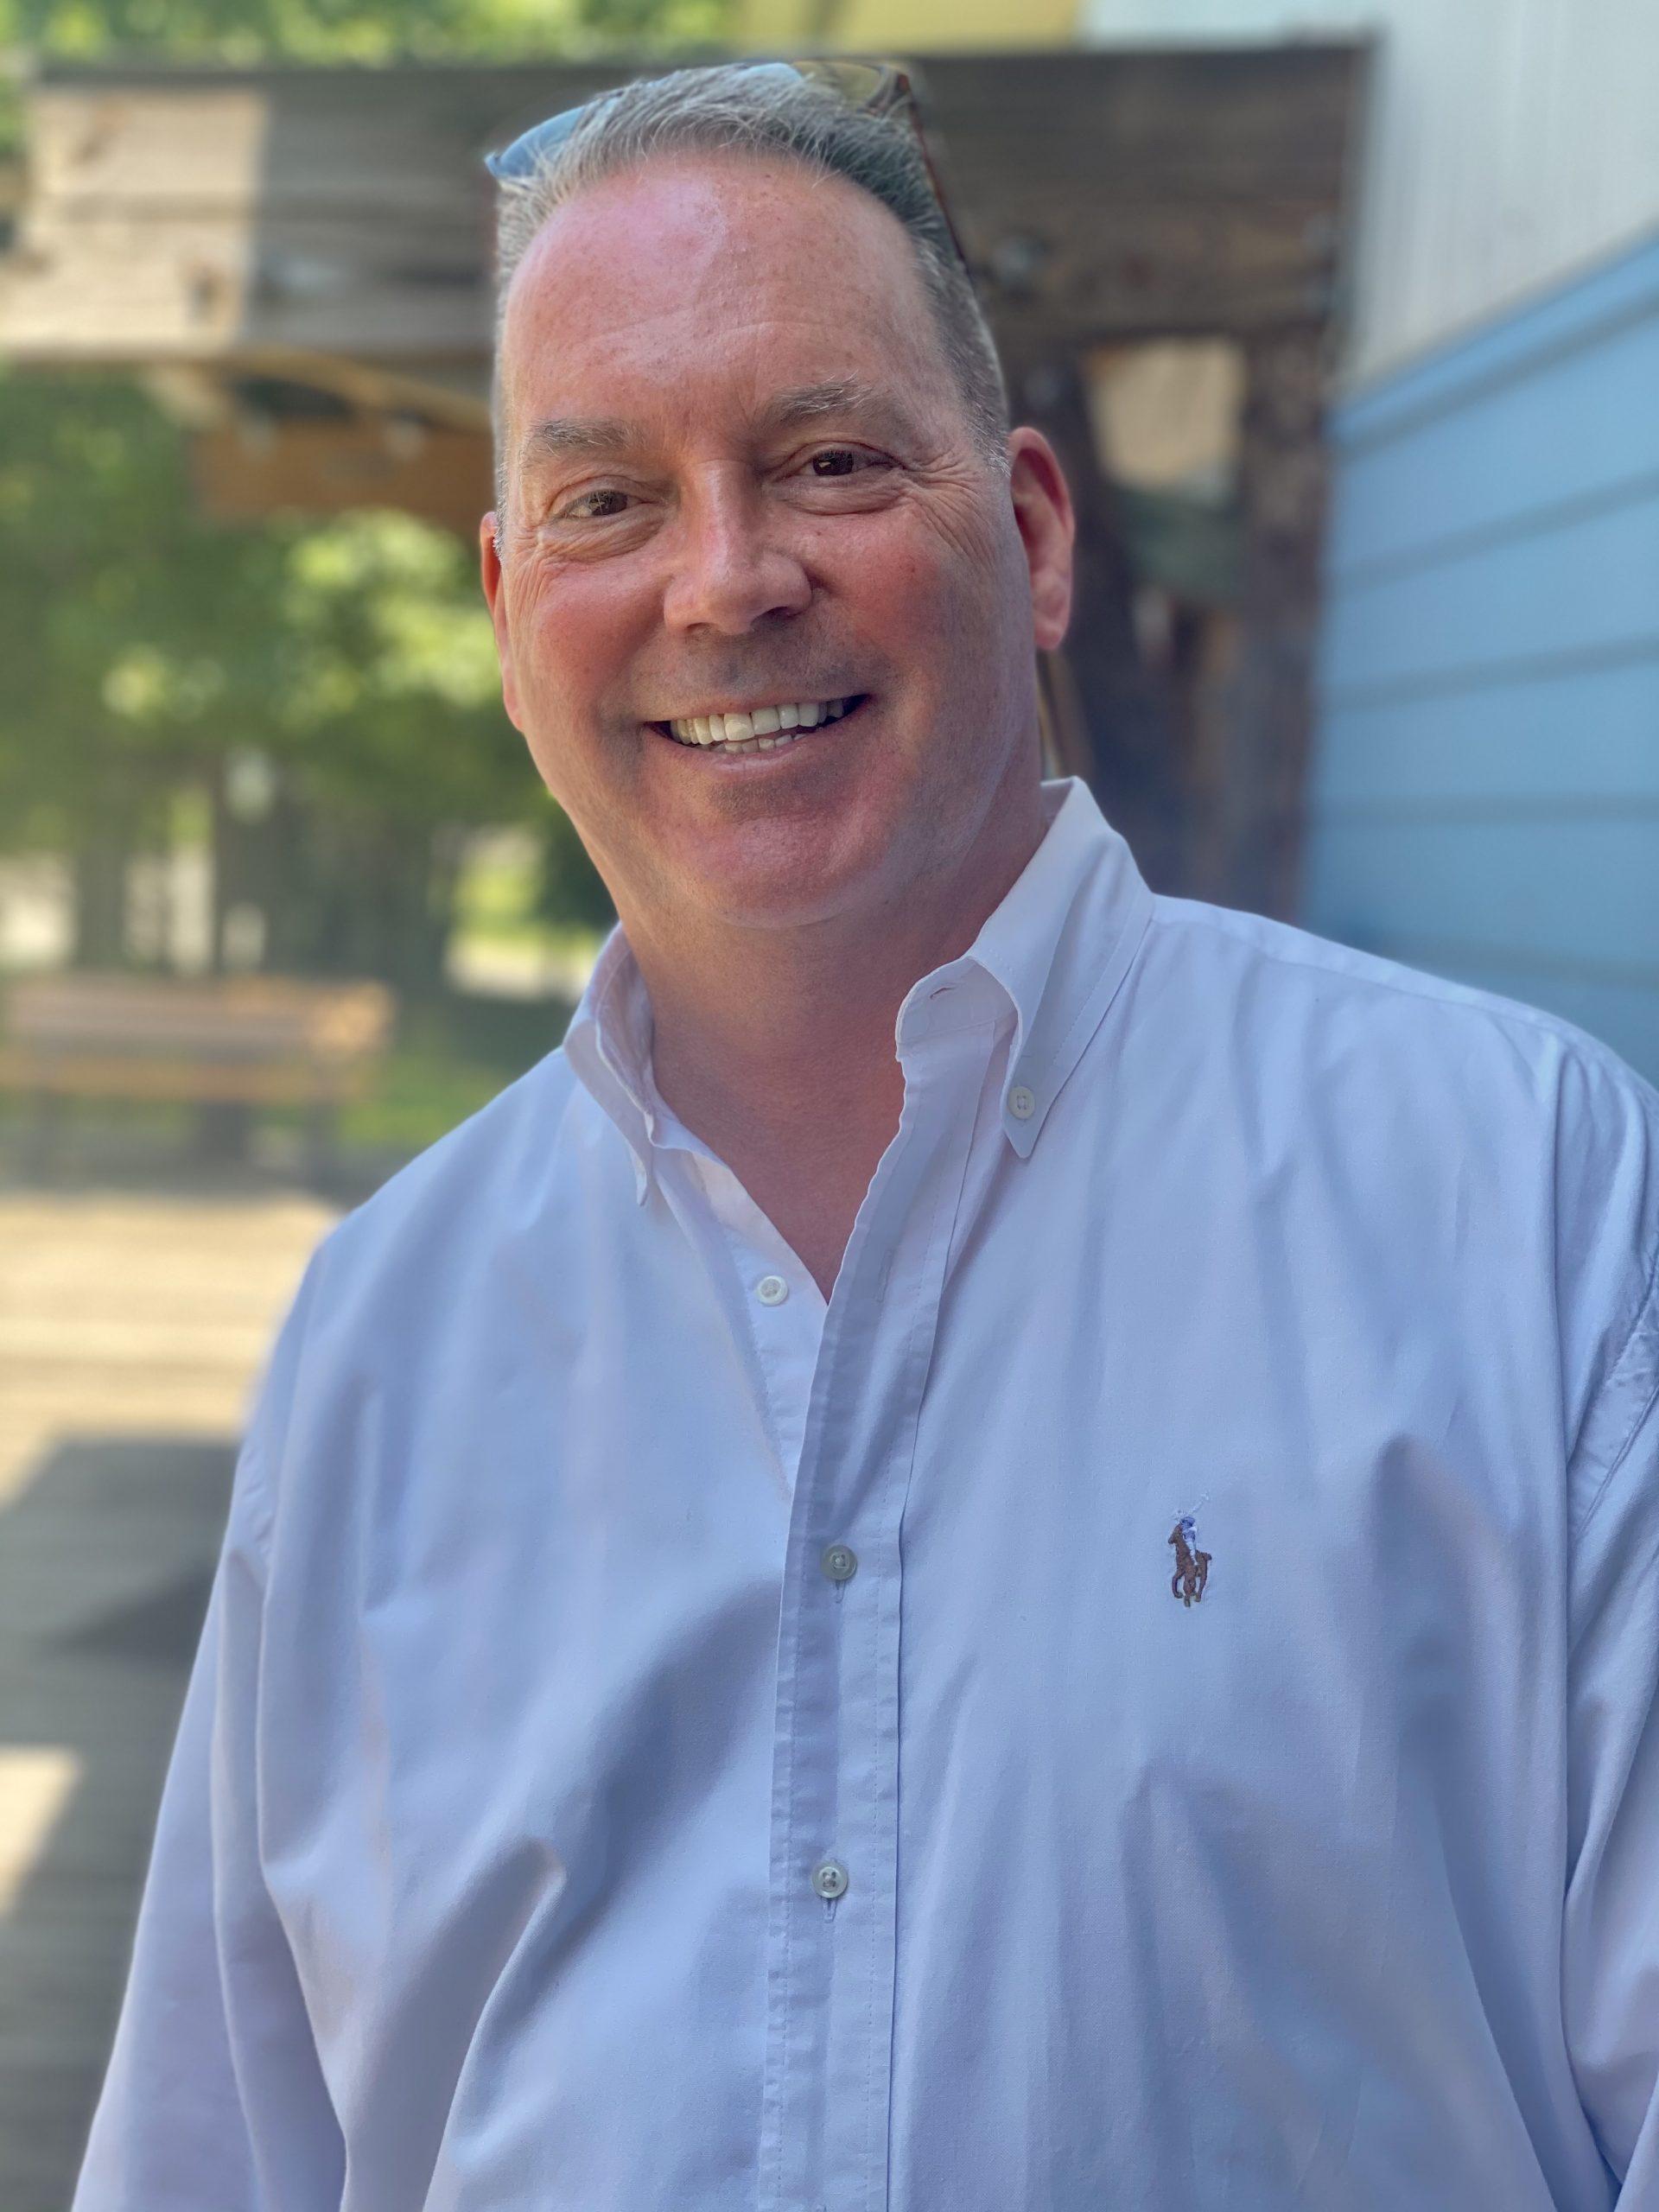 Jim Longenecker